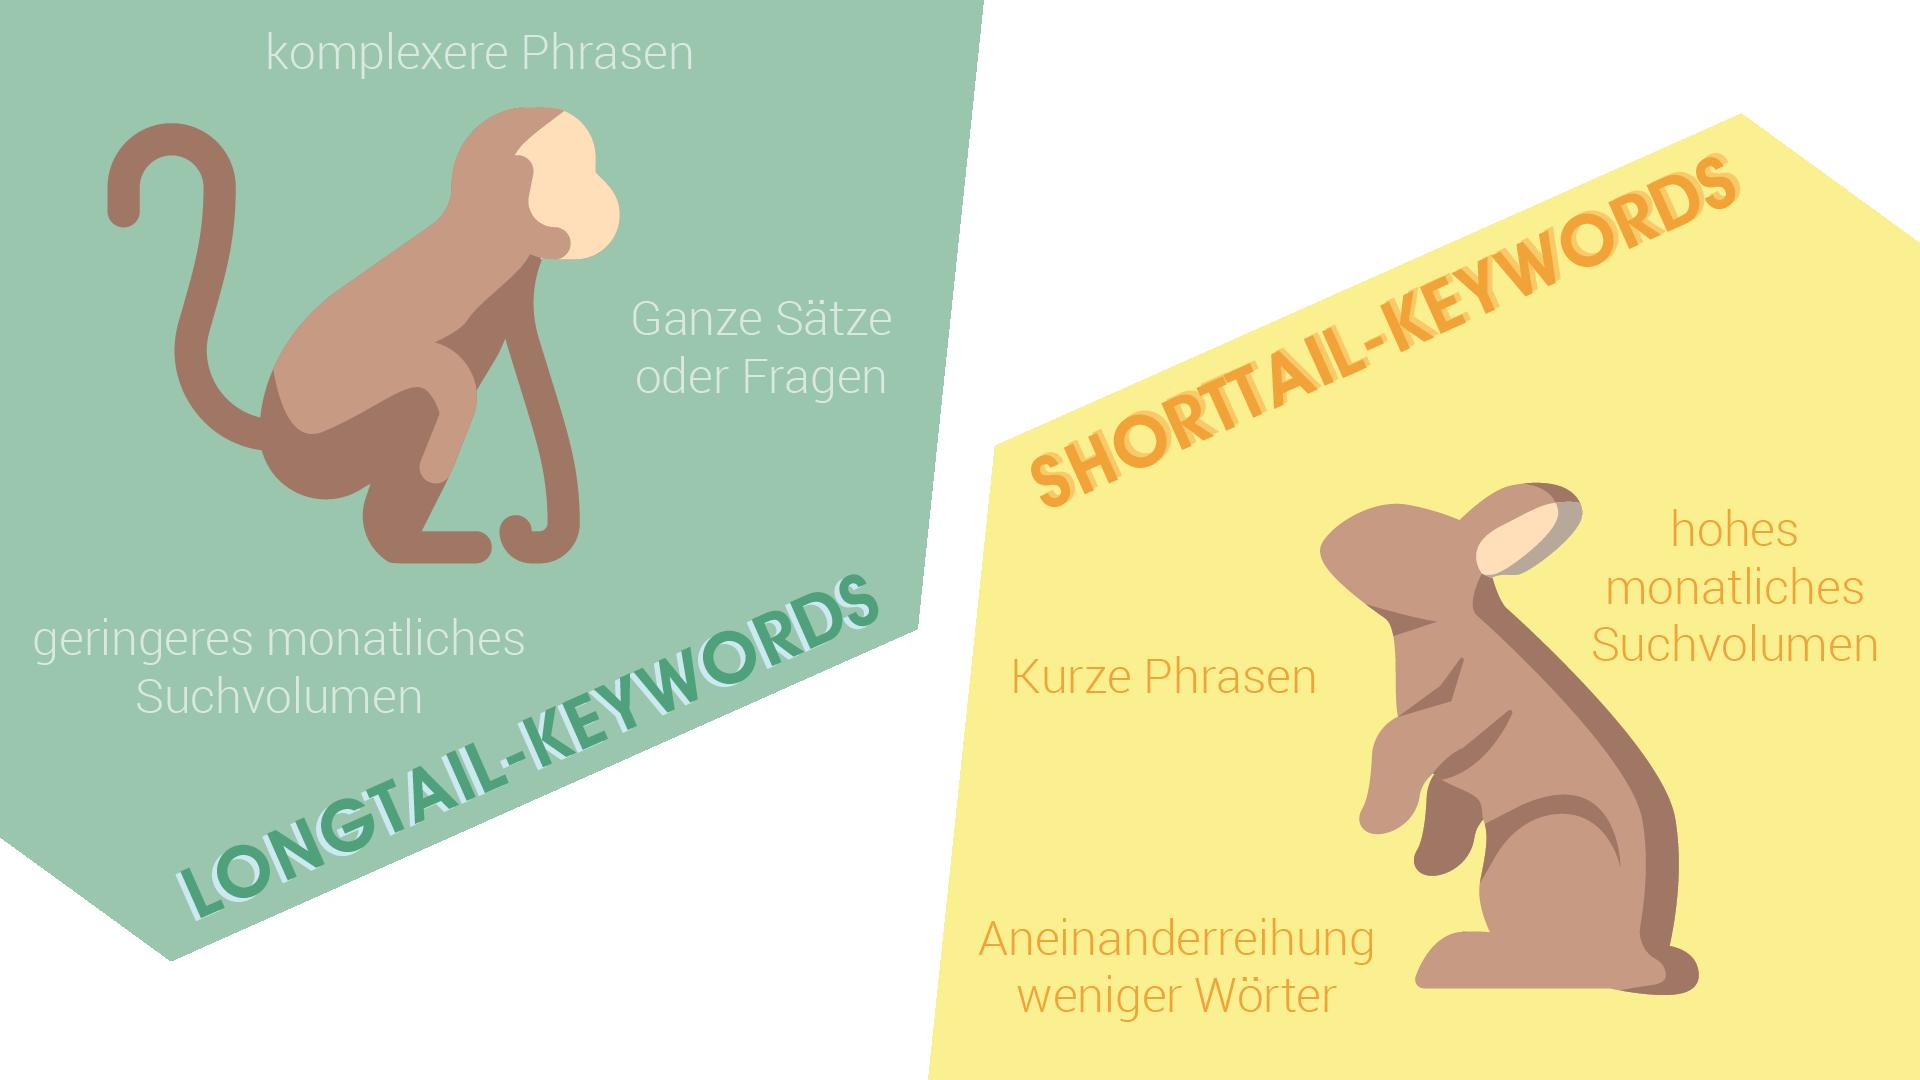 Longtail- vs. Shorttail-Keywords – Die Hauptmerkmale der beiden Keyword-Arten